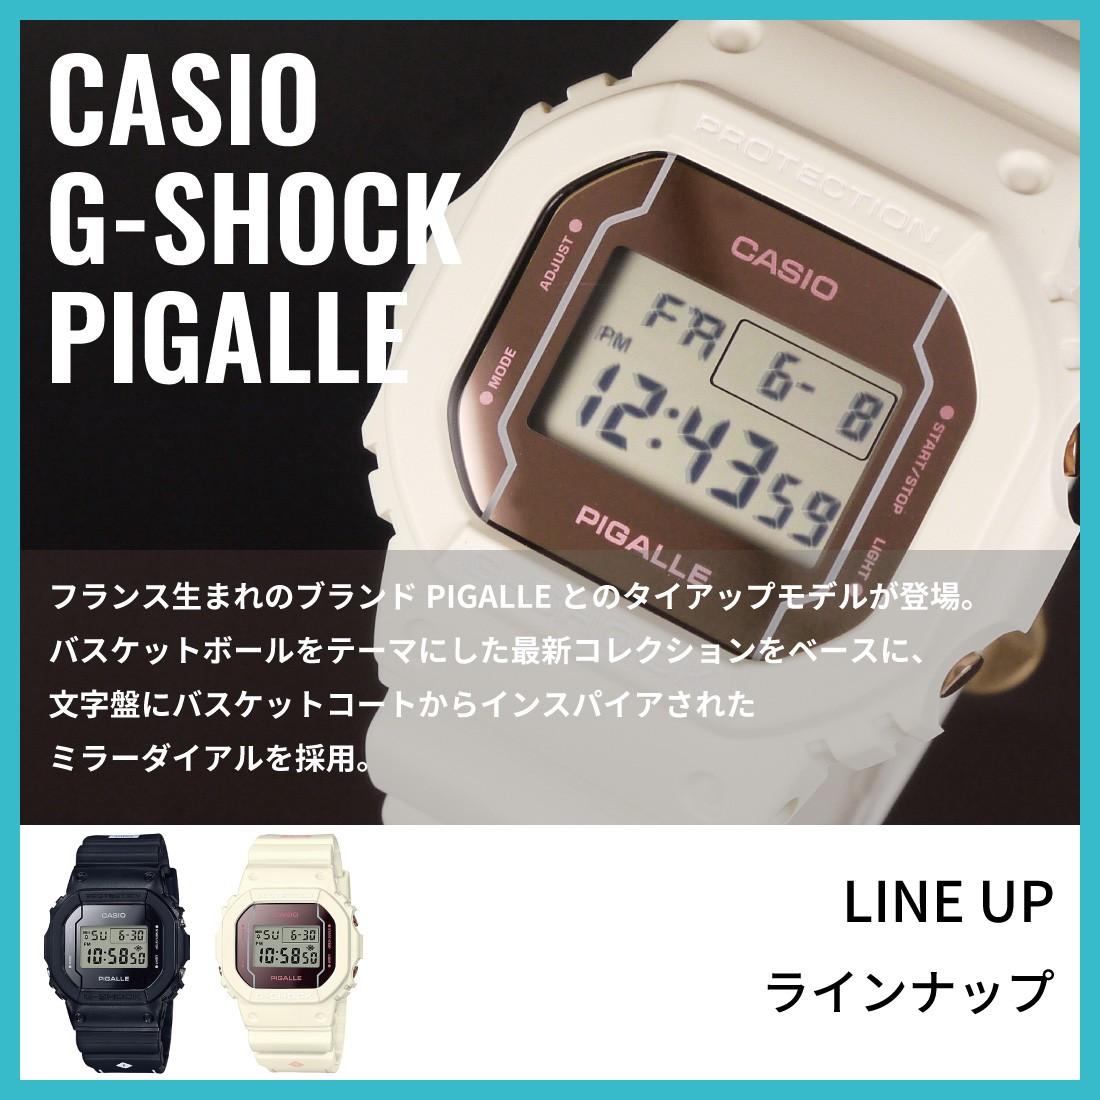 2af56442a26 CASIO カシオ G-SHOCK G-ショック ピガール PIGALLE タイアップモデル DW ...